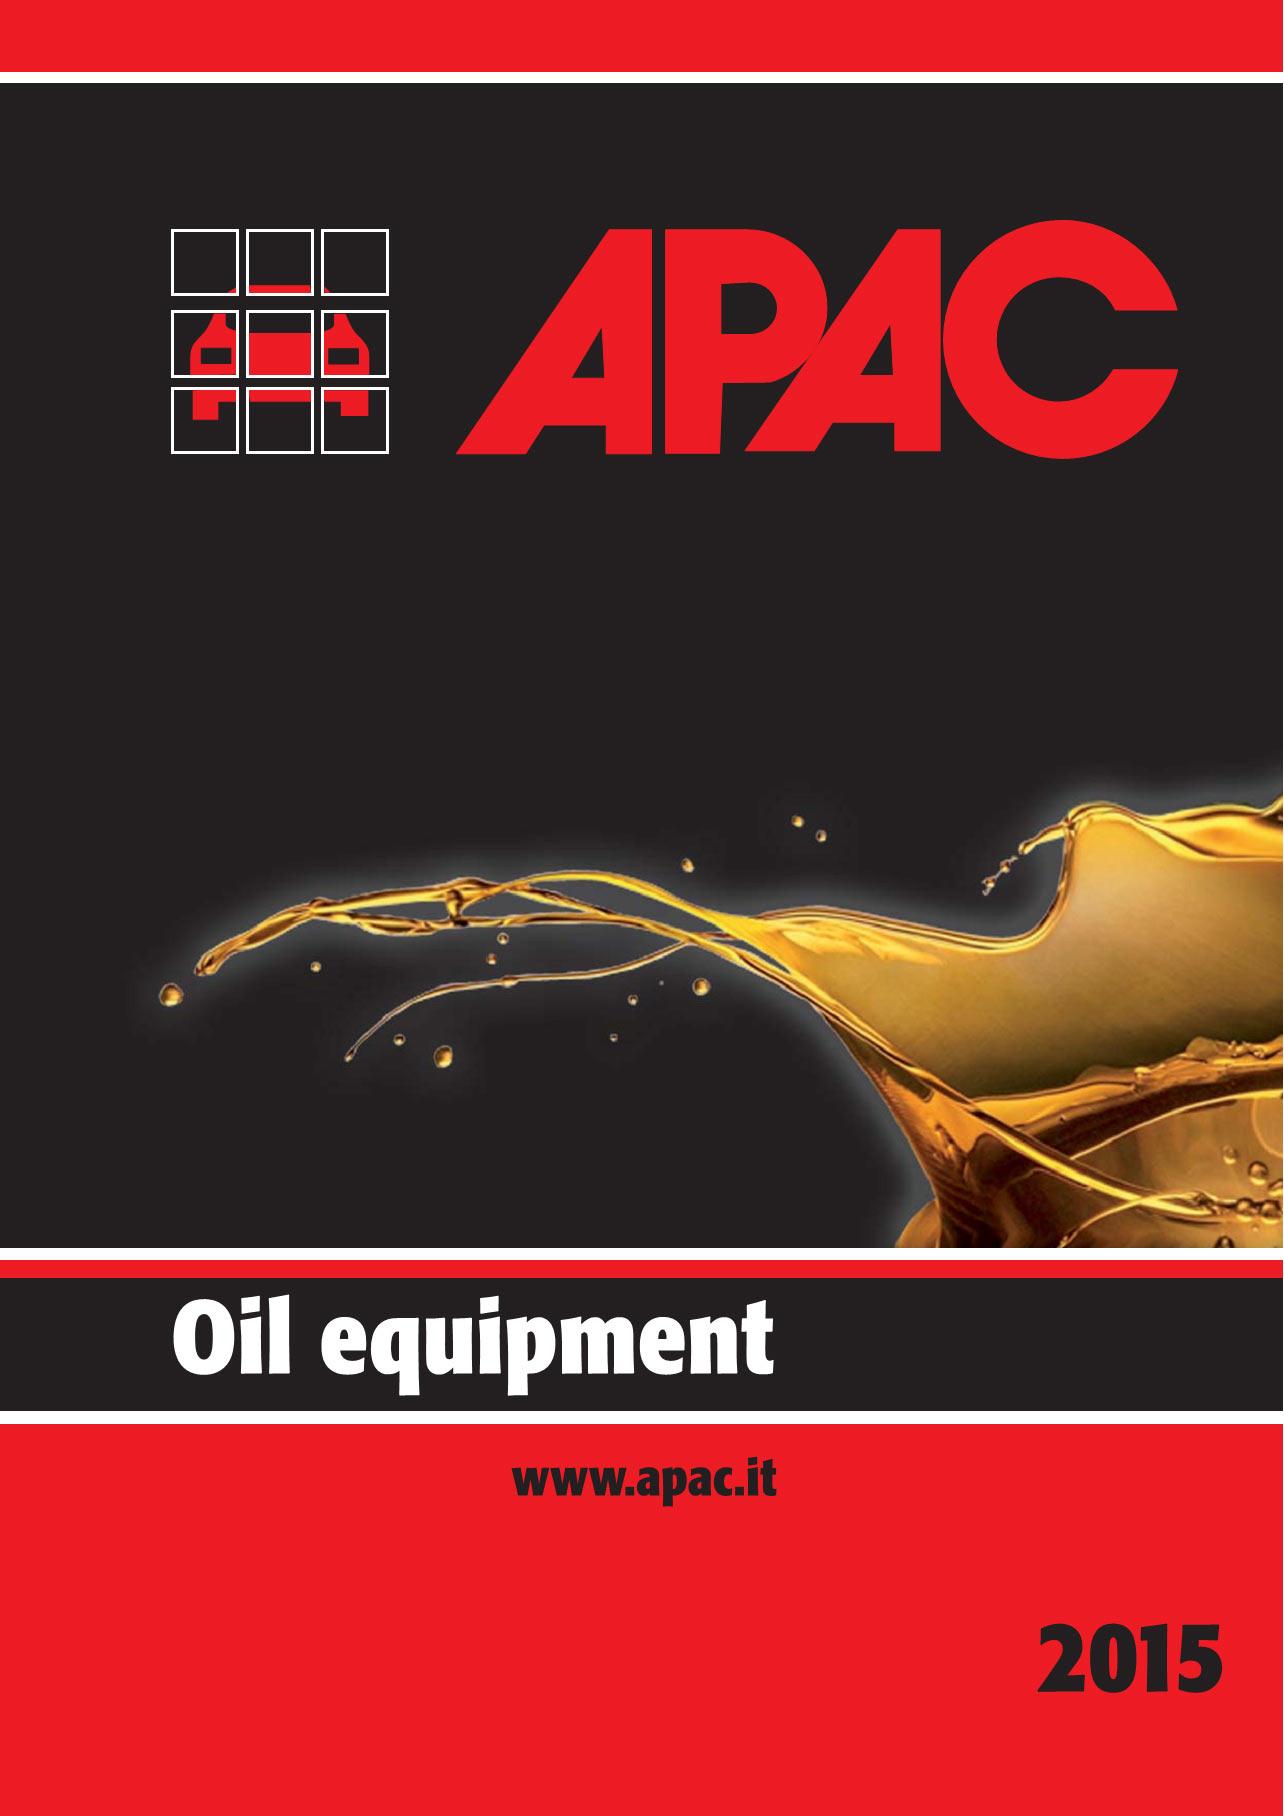 Apac katalog